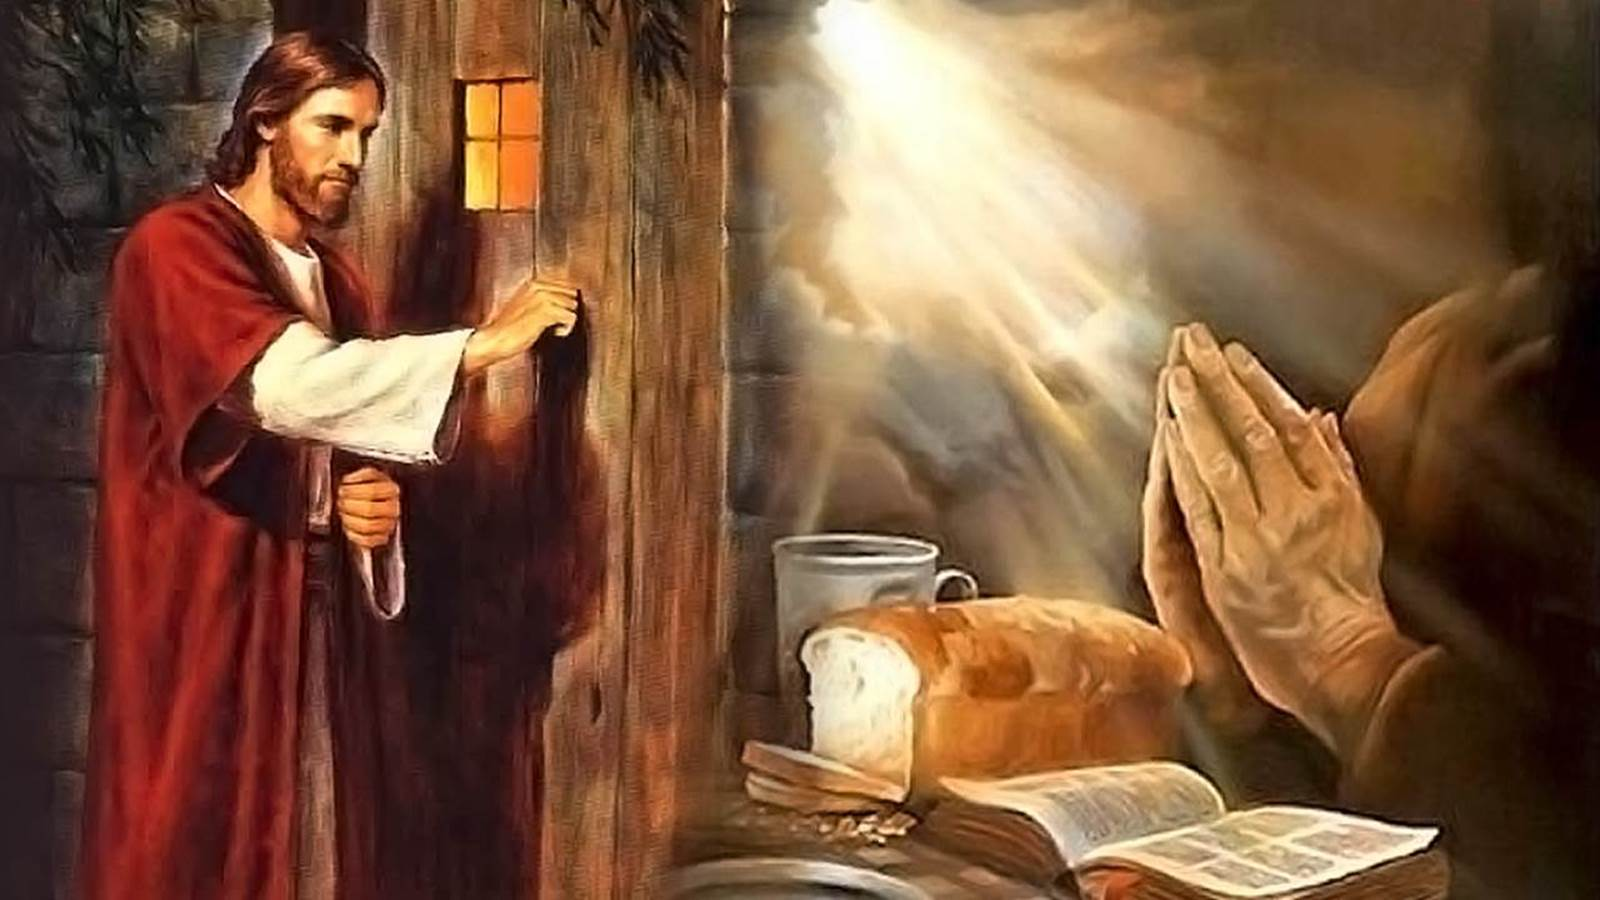 Ban những của tốt lành (25.02.2021 – Thứ Năm Tuần 1 Mùa Chay)